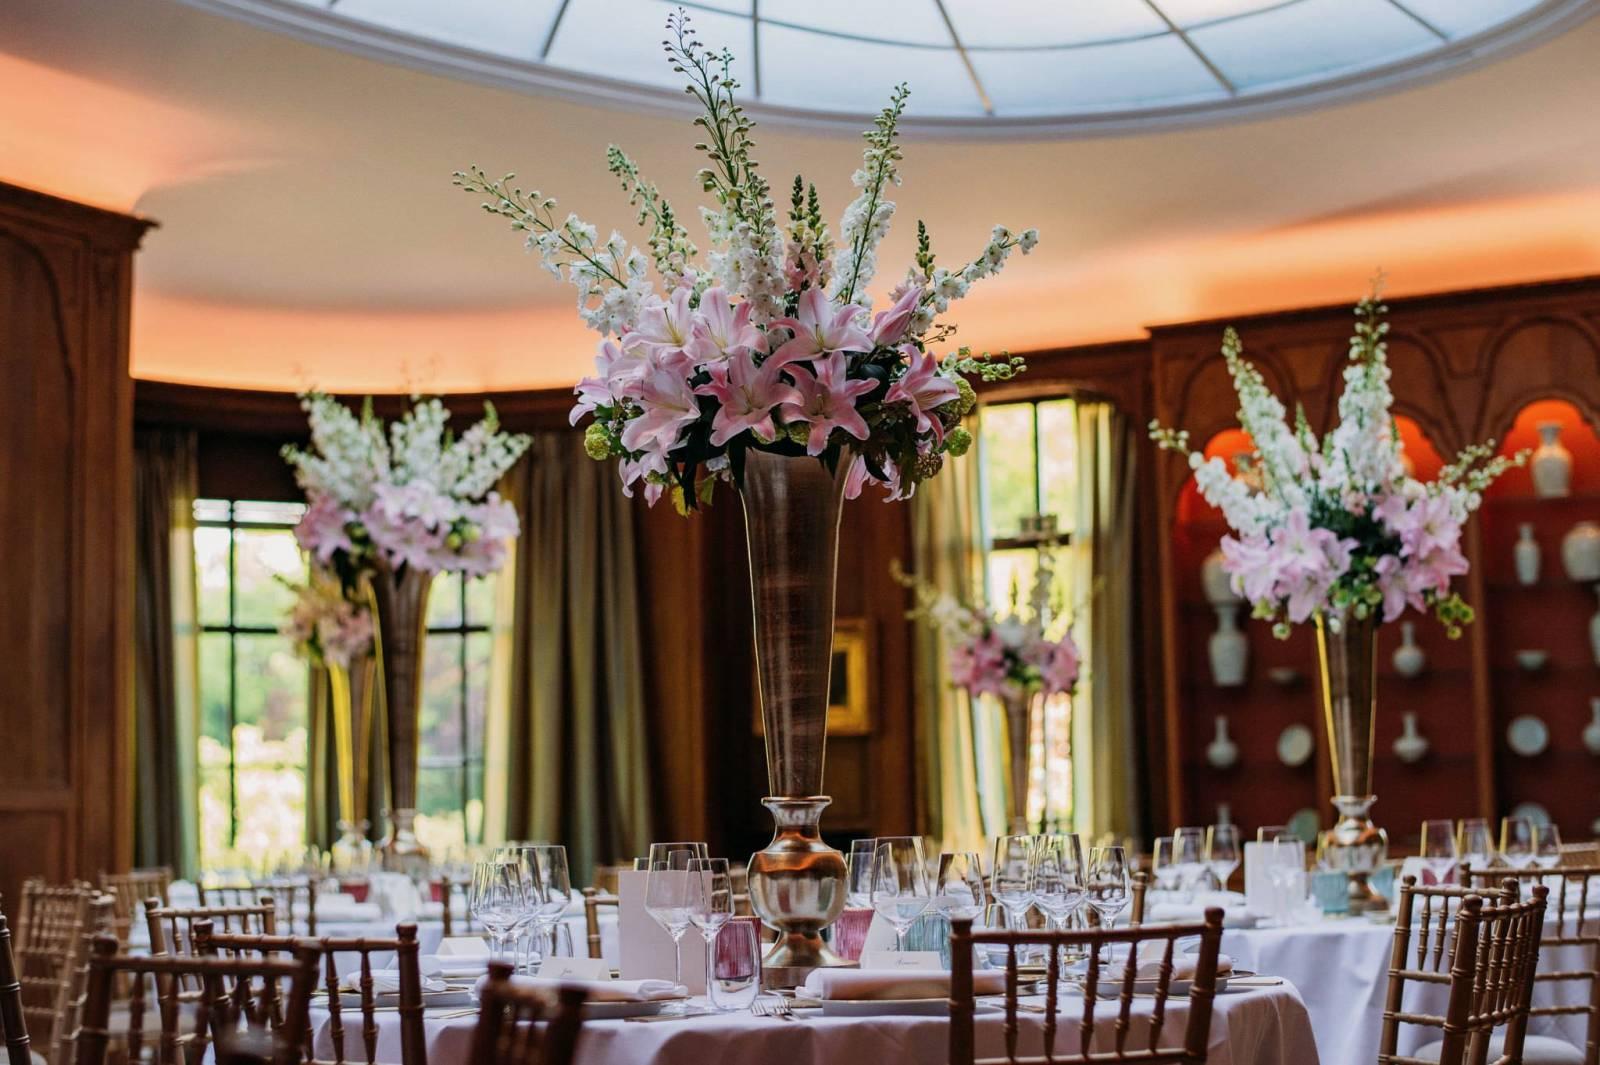 Gastronomie Nicolas - Catering - Traiteur - Trouw - Huwelijk - Bruiloft - House of Events - 4